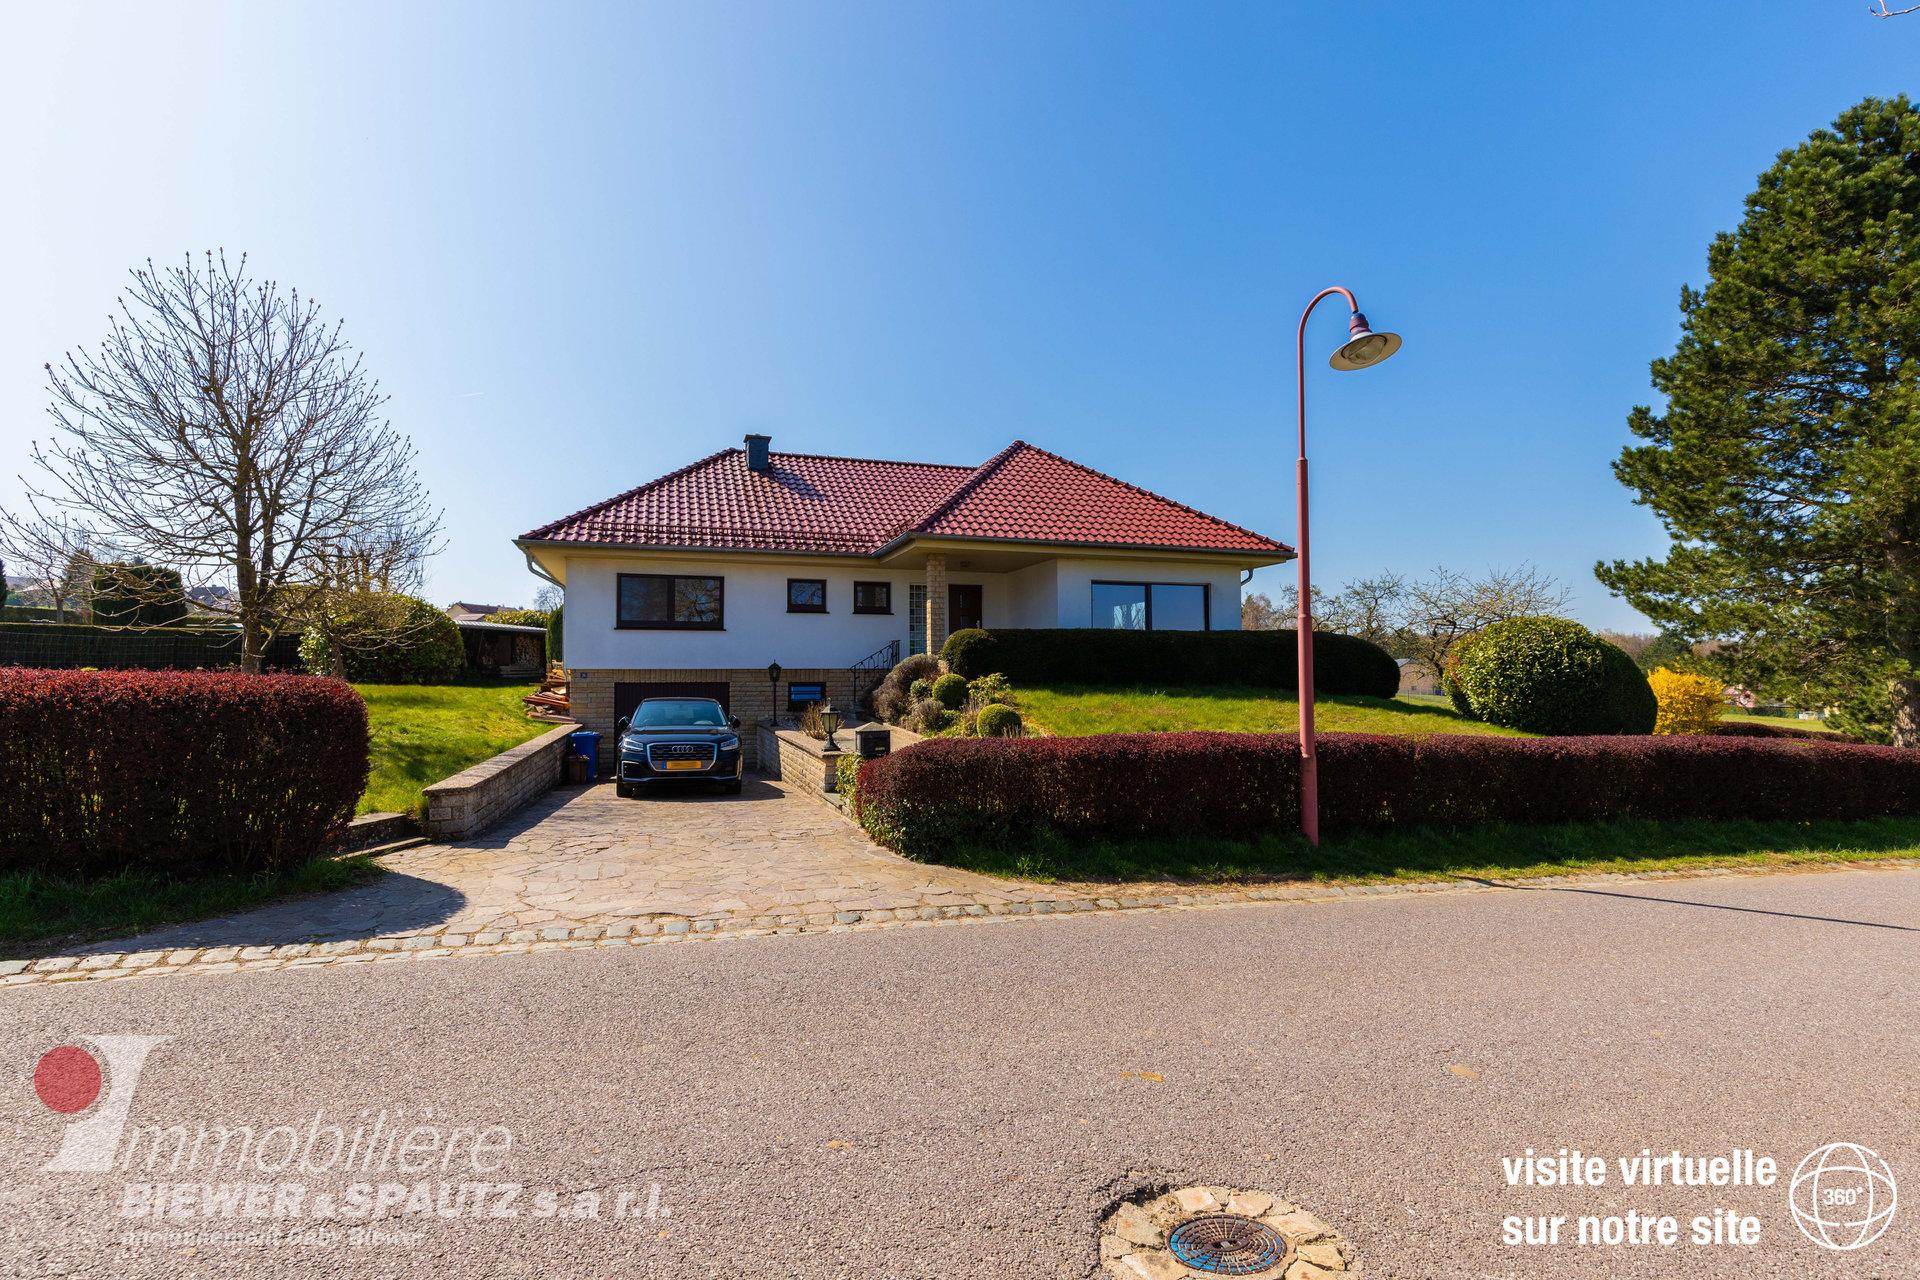 FOR RENT - house with 3 bedrooms in Scheidgen